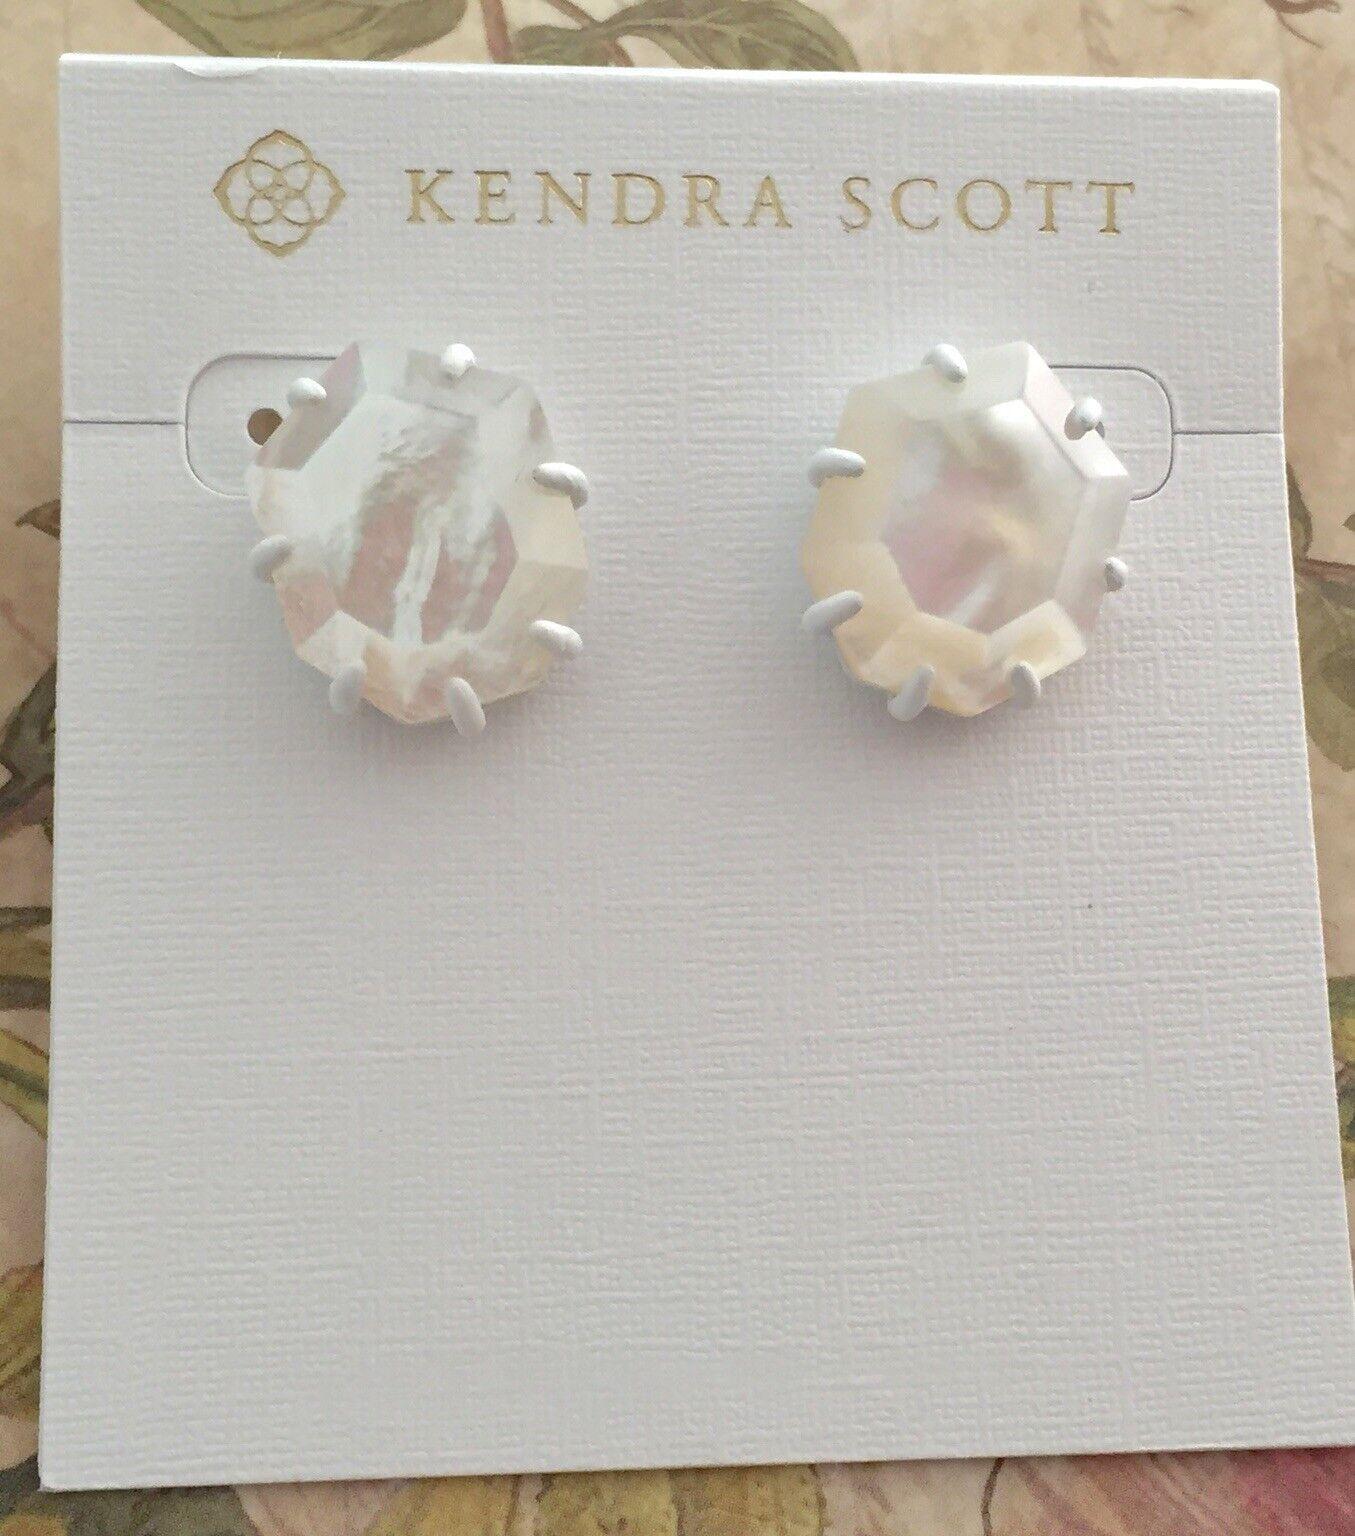 Kendra Scott Morgan Matte Stud Earrings MOP